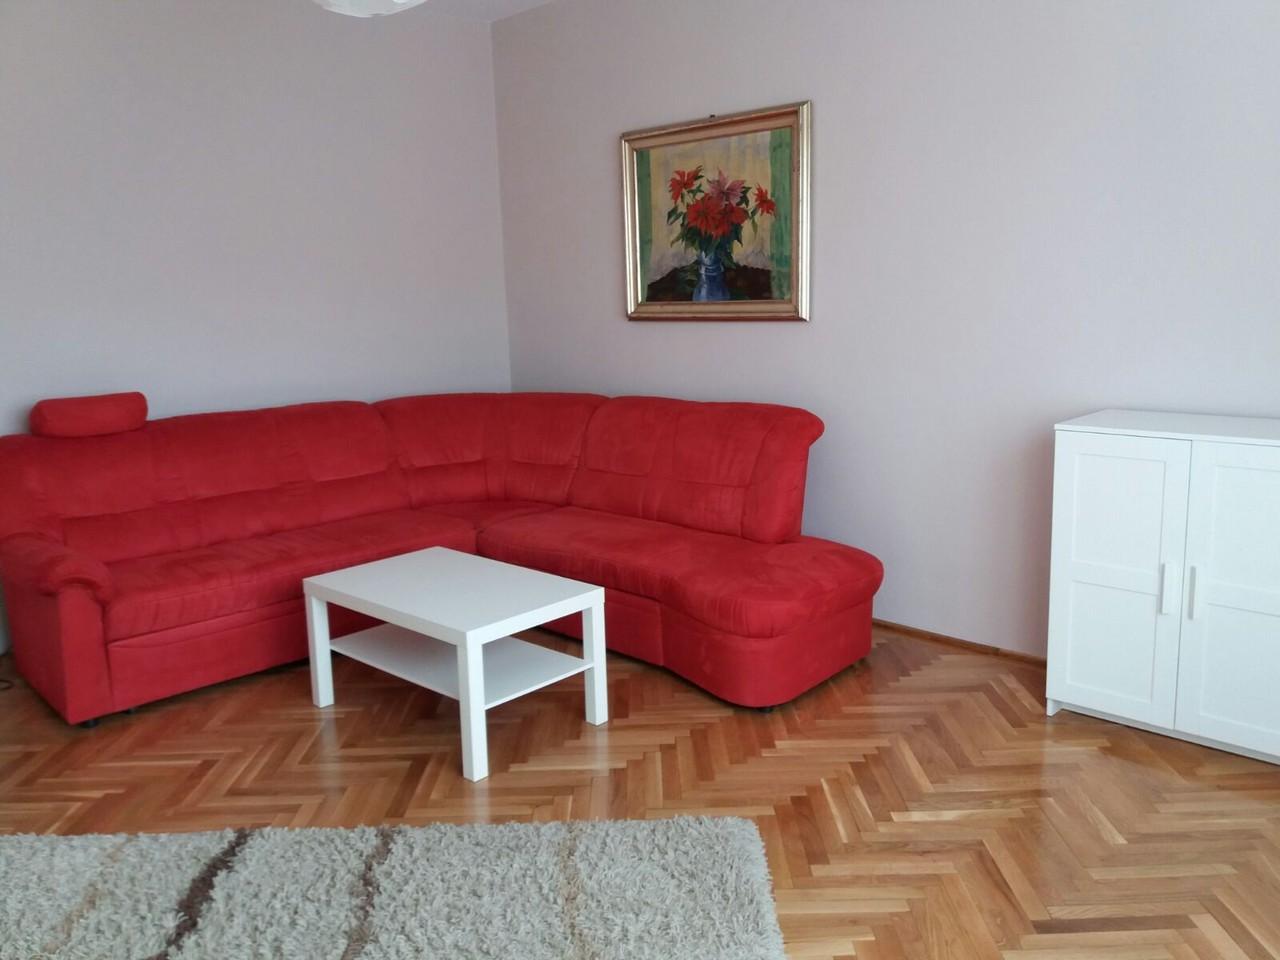 Apartament 2 camere de inchiriat in Sibiu zona Parcul Sub Arini-11-1